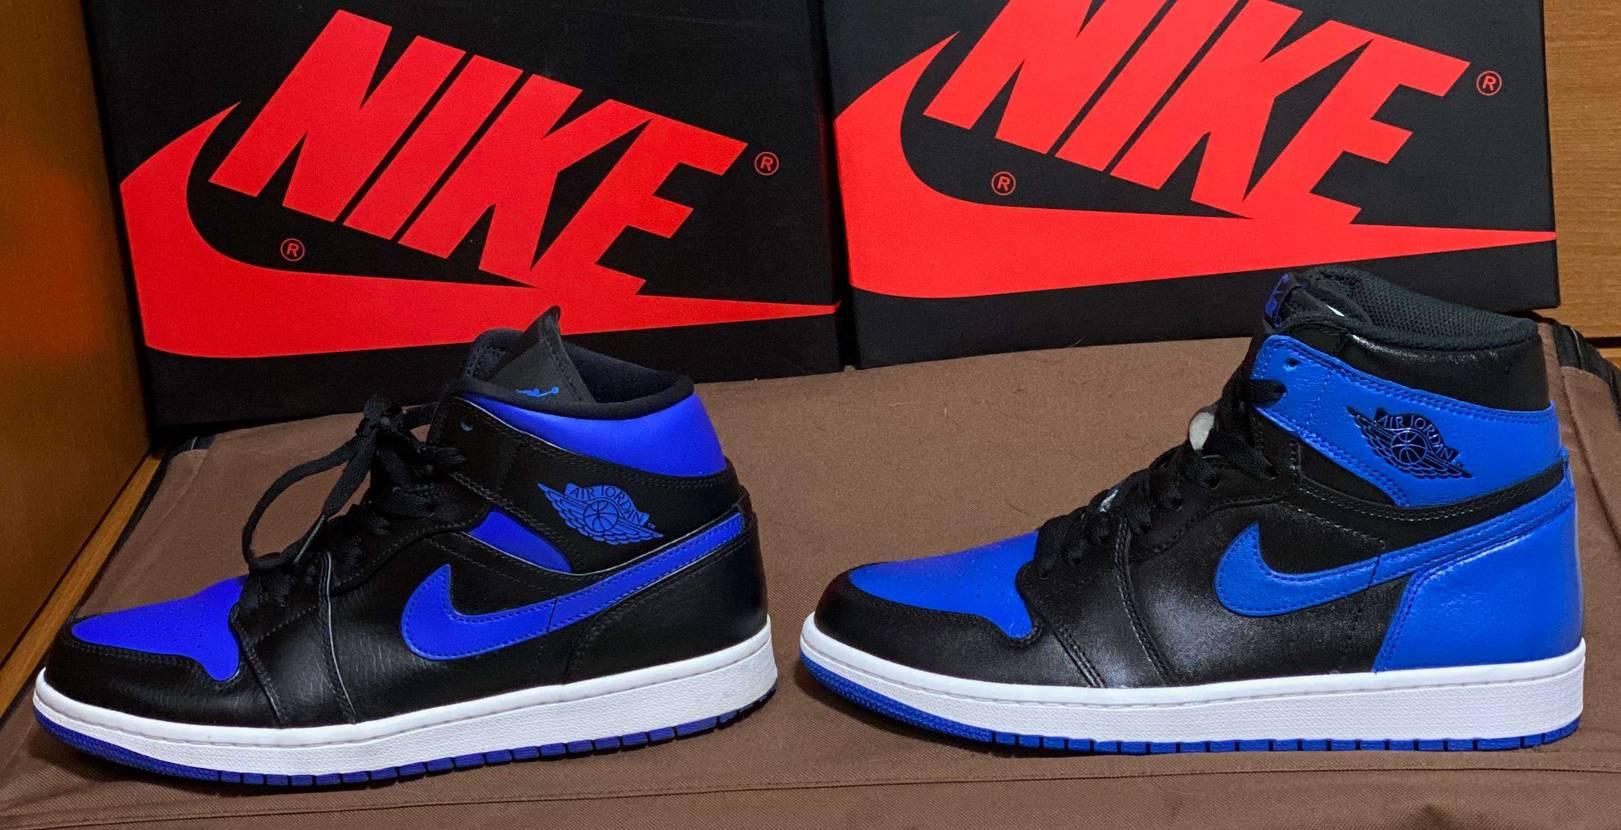 ロイヤルとMidのブラック/ブルー比較。 色味も割と違う。(写真下手なのでわかり